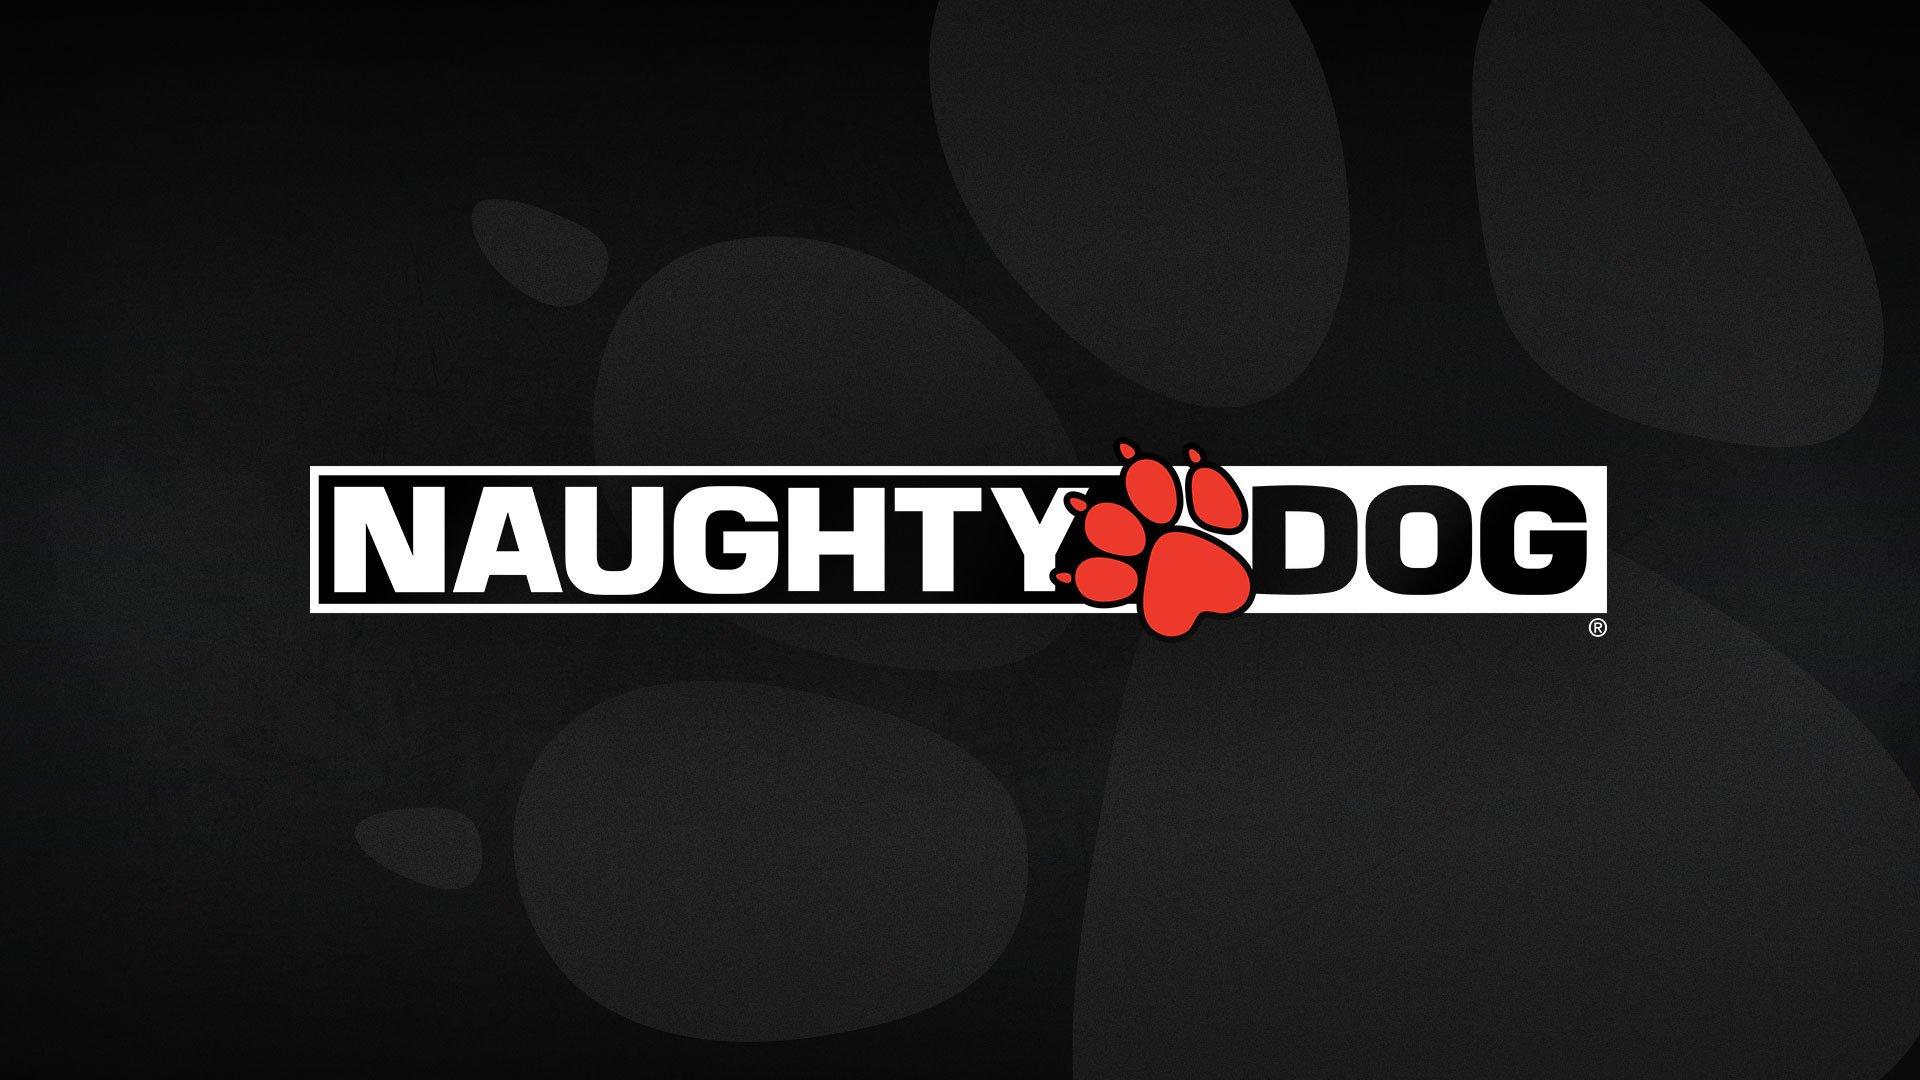 Apesar dos problemas de crunch ditos por diversos funcionários, a Naughty Dog é um estúdio aclamado e recentemente lançou o The Last of Us 2.